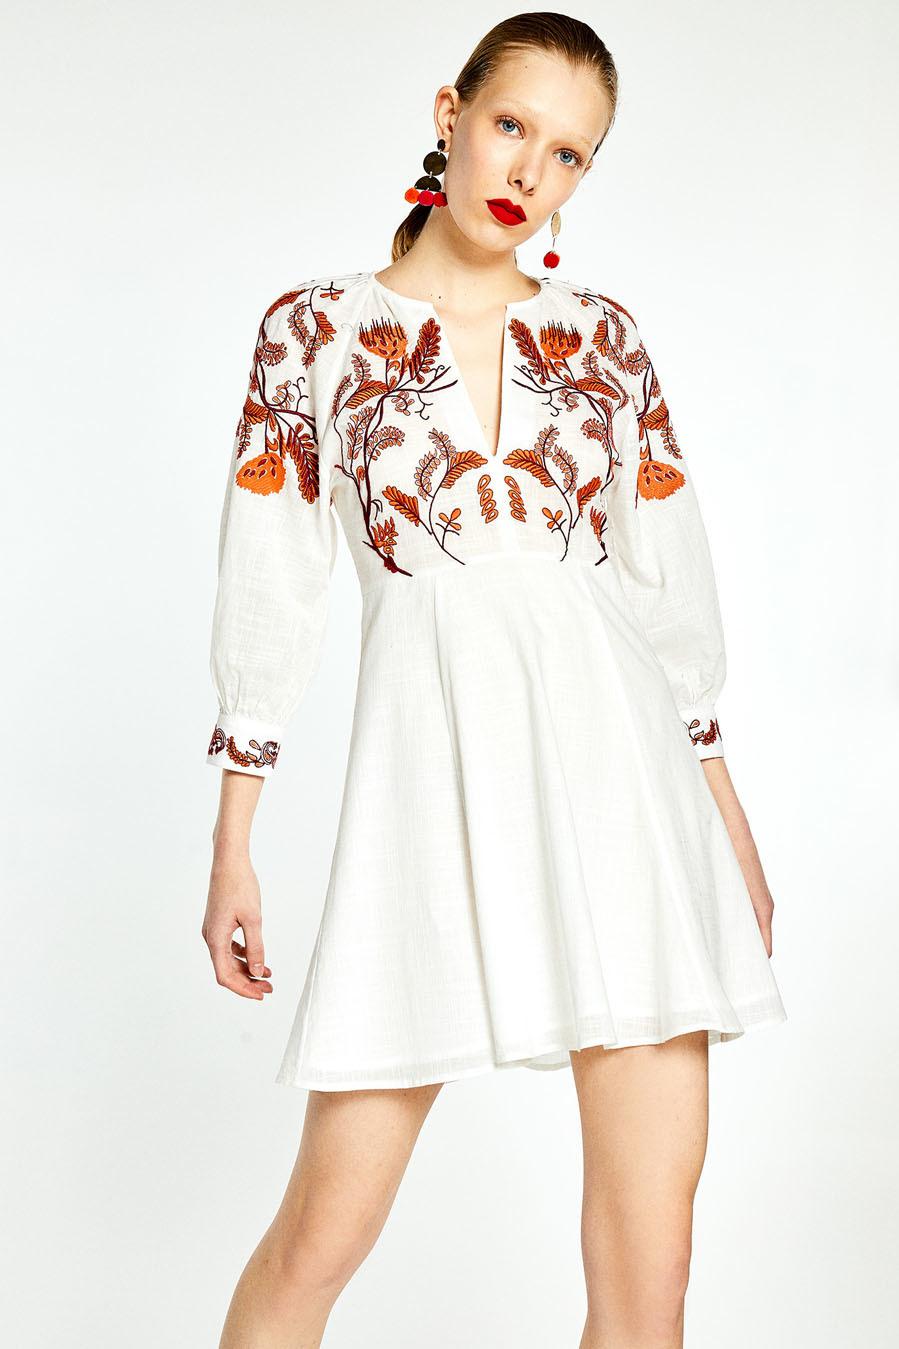 Vestido de lino con mangas jamón y bordados, de Sfera